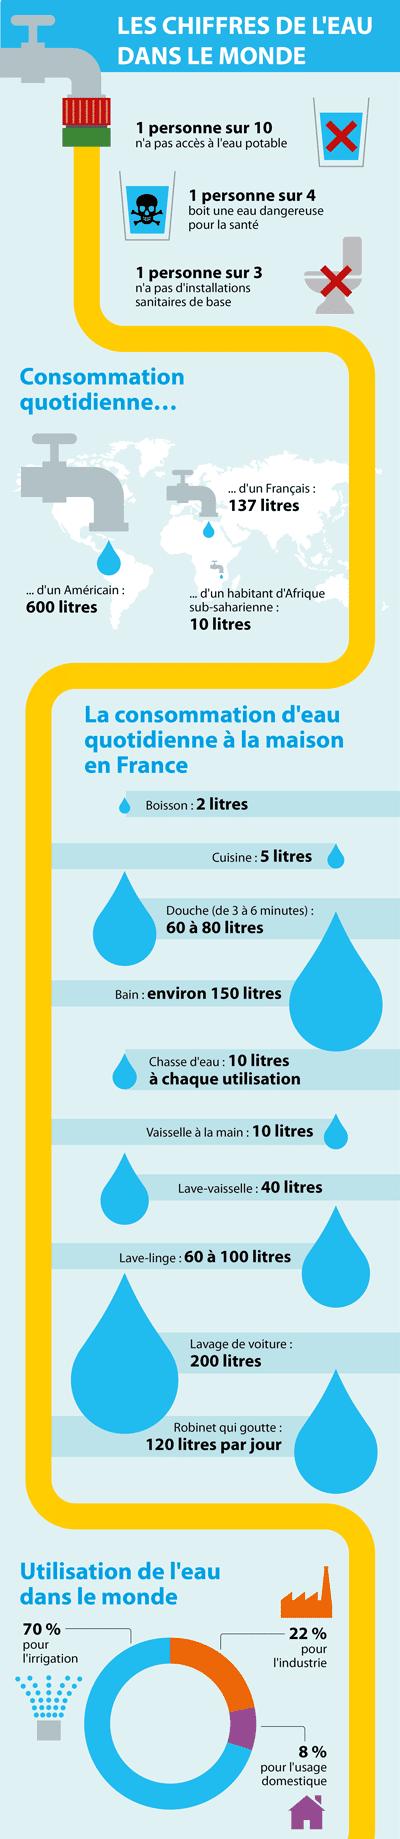 Infographie IDE L'eau dans le monde.